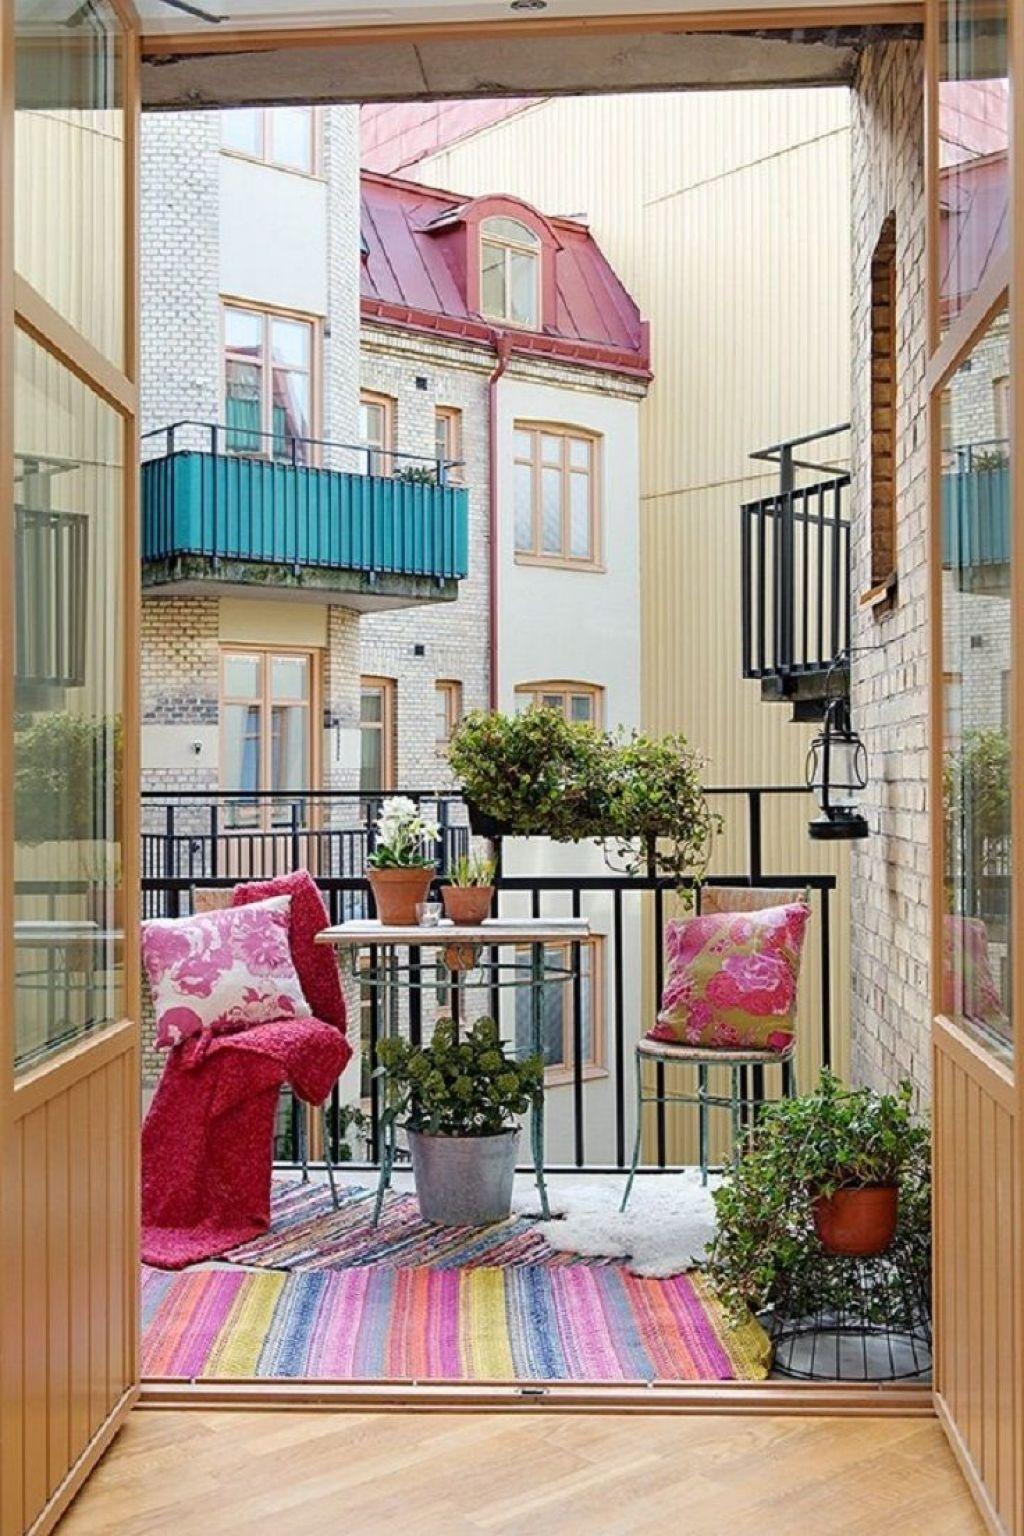 Balcony artificial grass - one decor.